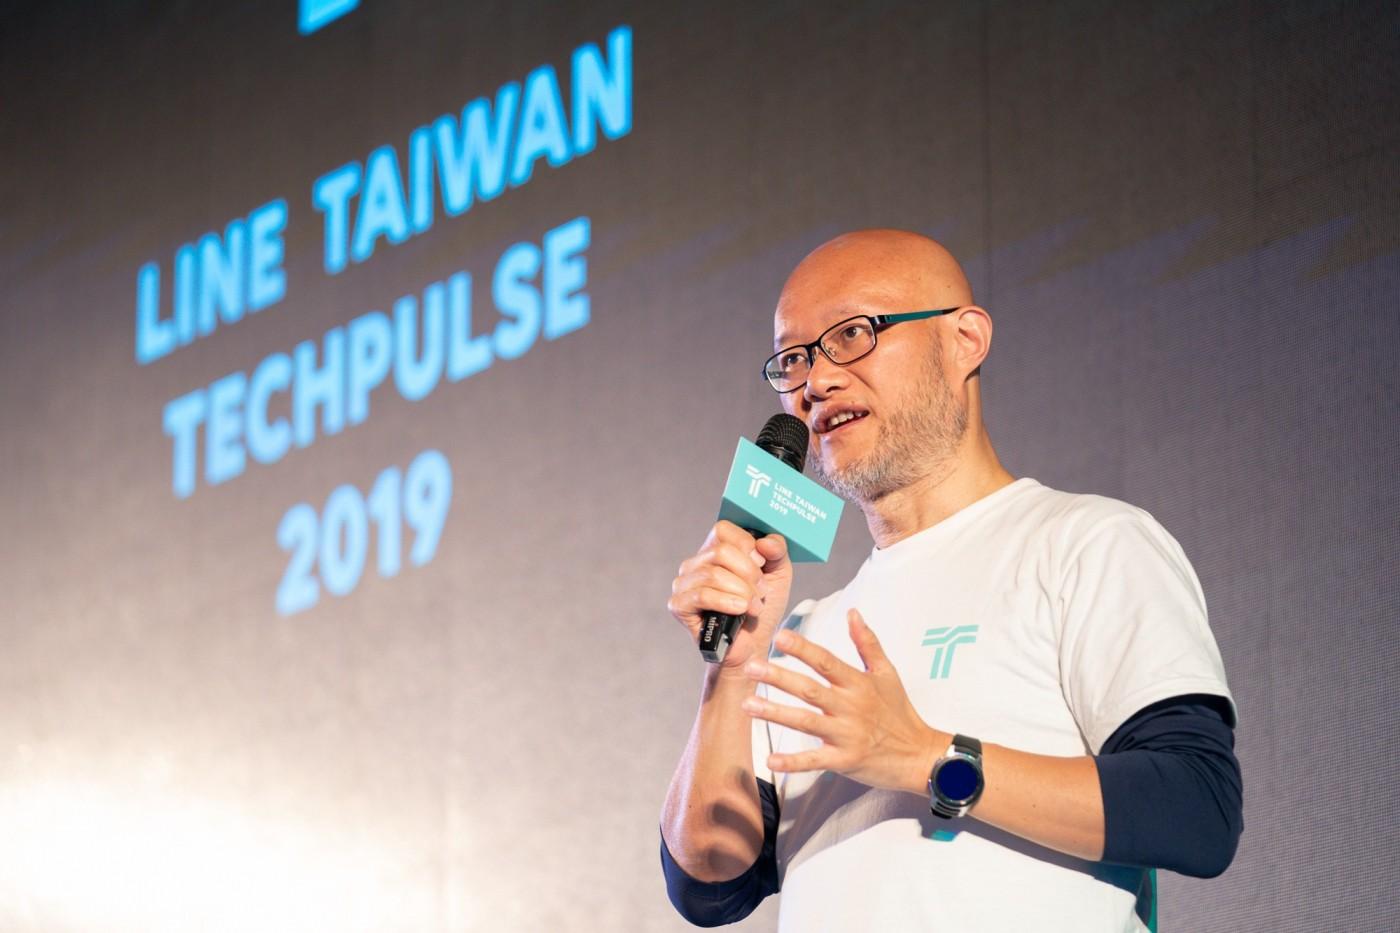 LINE服務通通AI化!LINE BRAIN計劃2020啟動,全面搶吃台灣AI商機